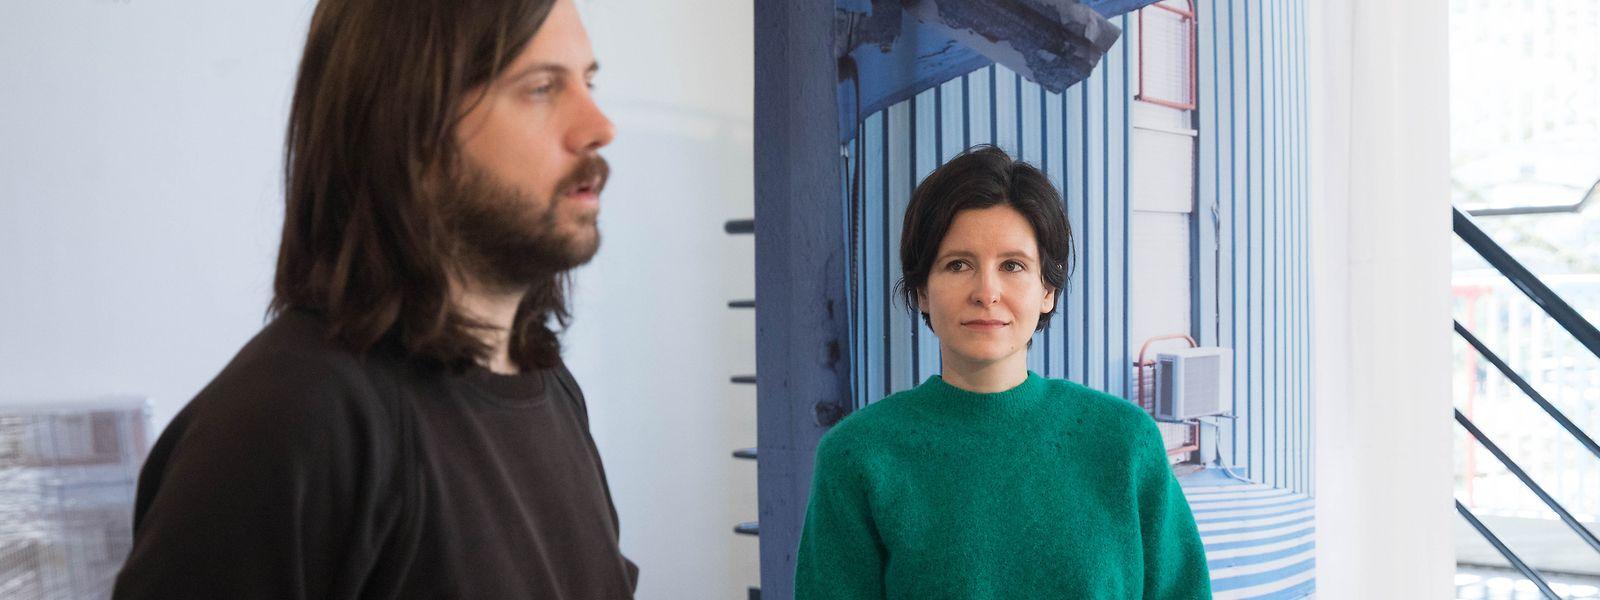 Les designers croates Leo Kirincic (g.) et Masa Pojanec ont documenté et analysé le projet de l'architecte Ninoslav Kucan.